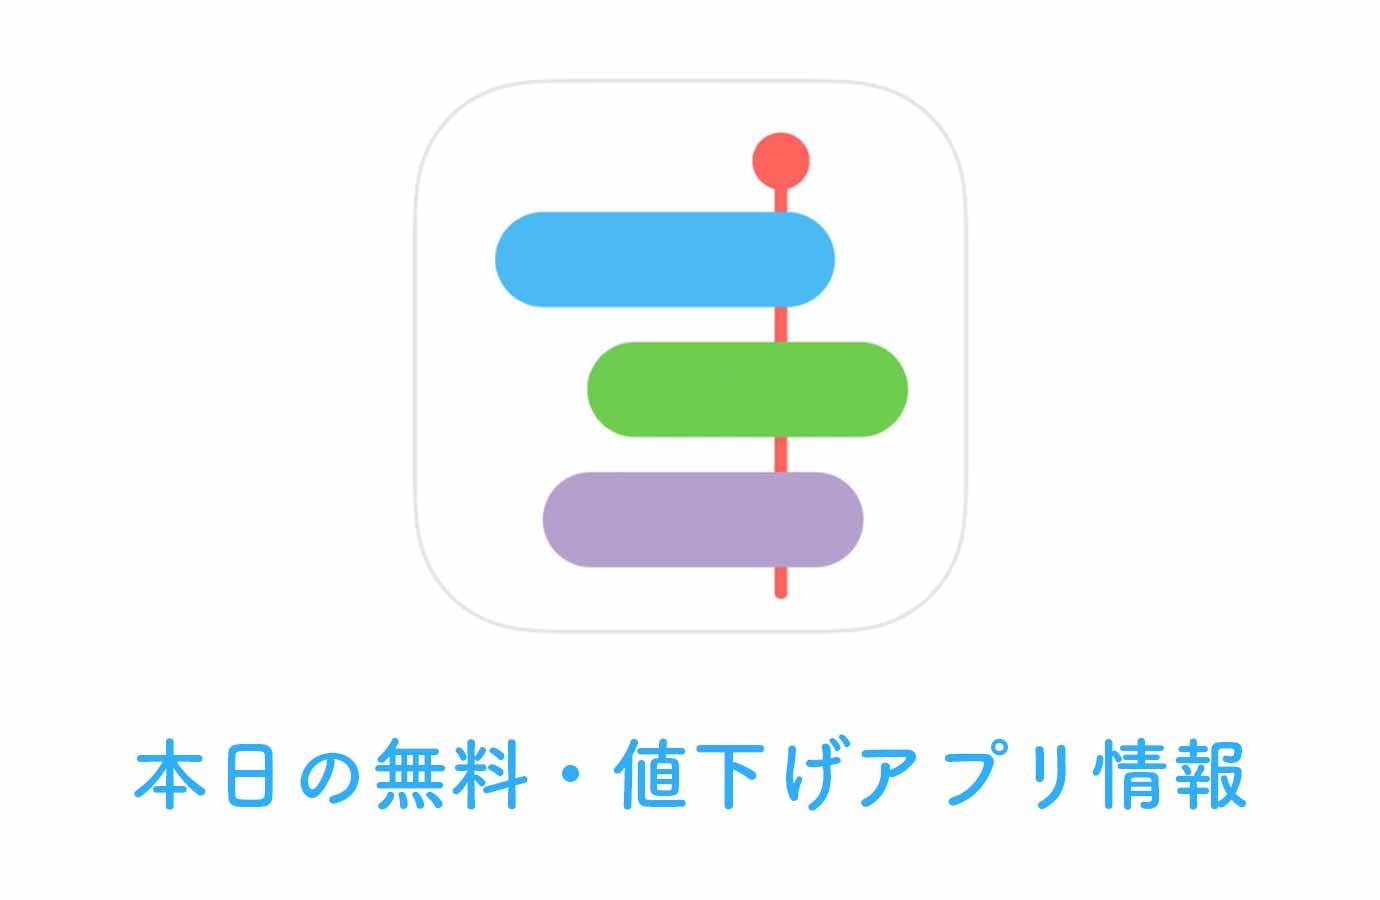 240円→無料!日々の活動を記録して比較・分析できる「ライフログ」など【1/30】本日の無料・値下げアプリ情報